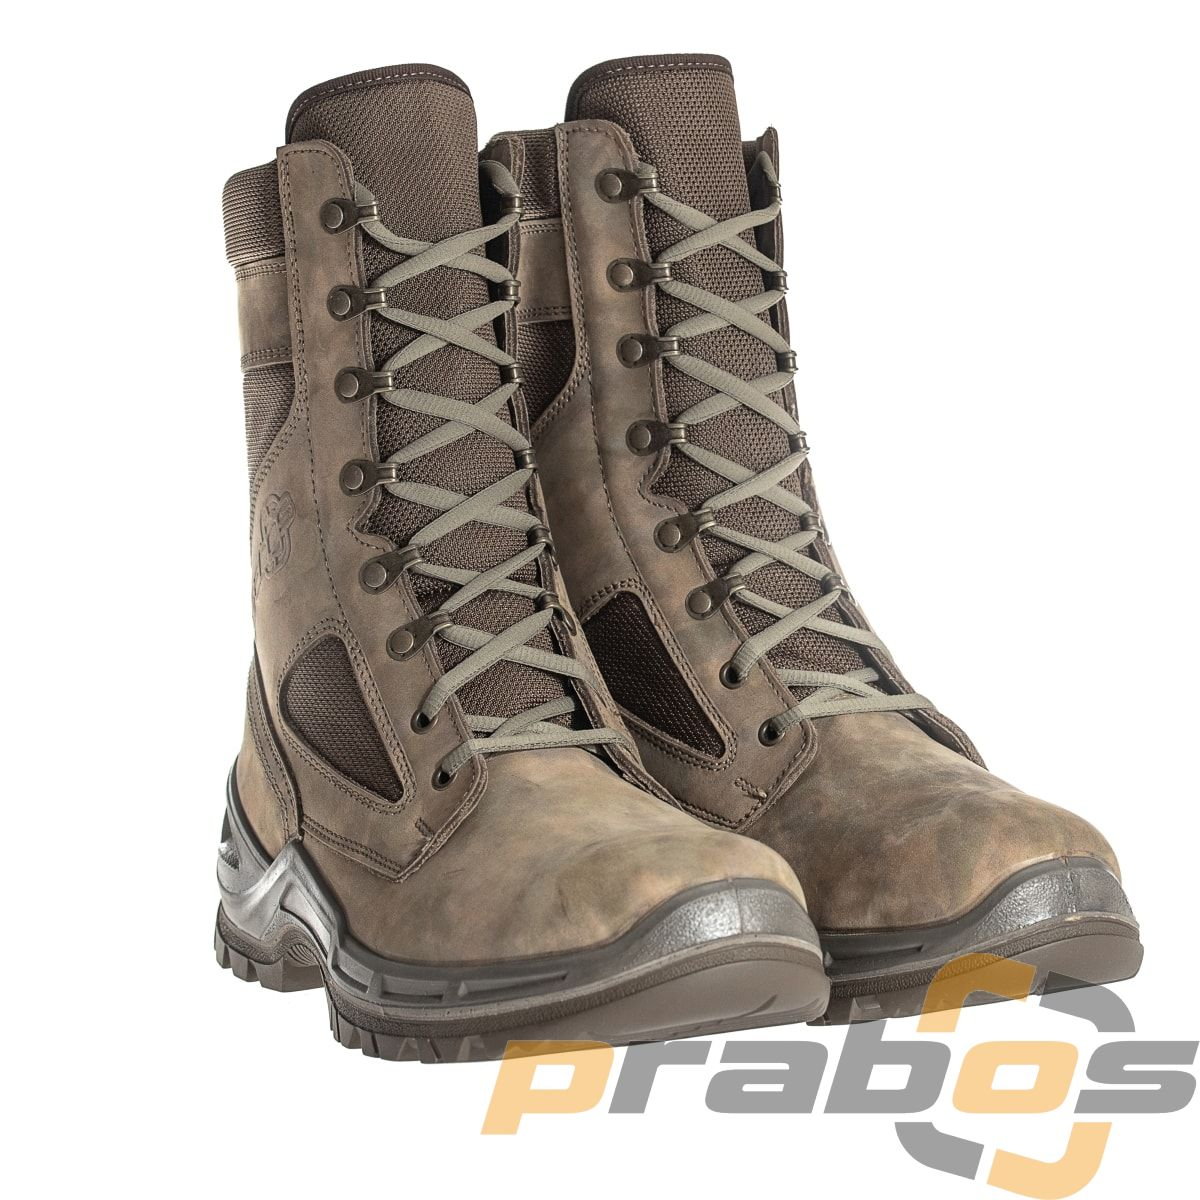 Prabos Freestyle to wysokie, taktyczne (outdoorowe) buty na piasek